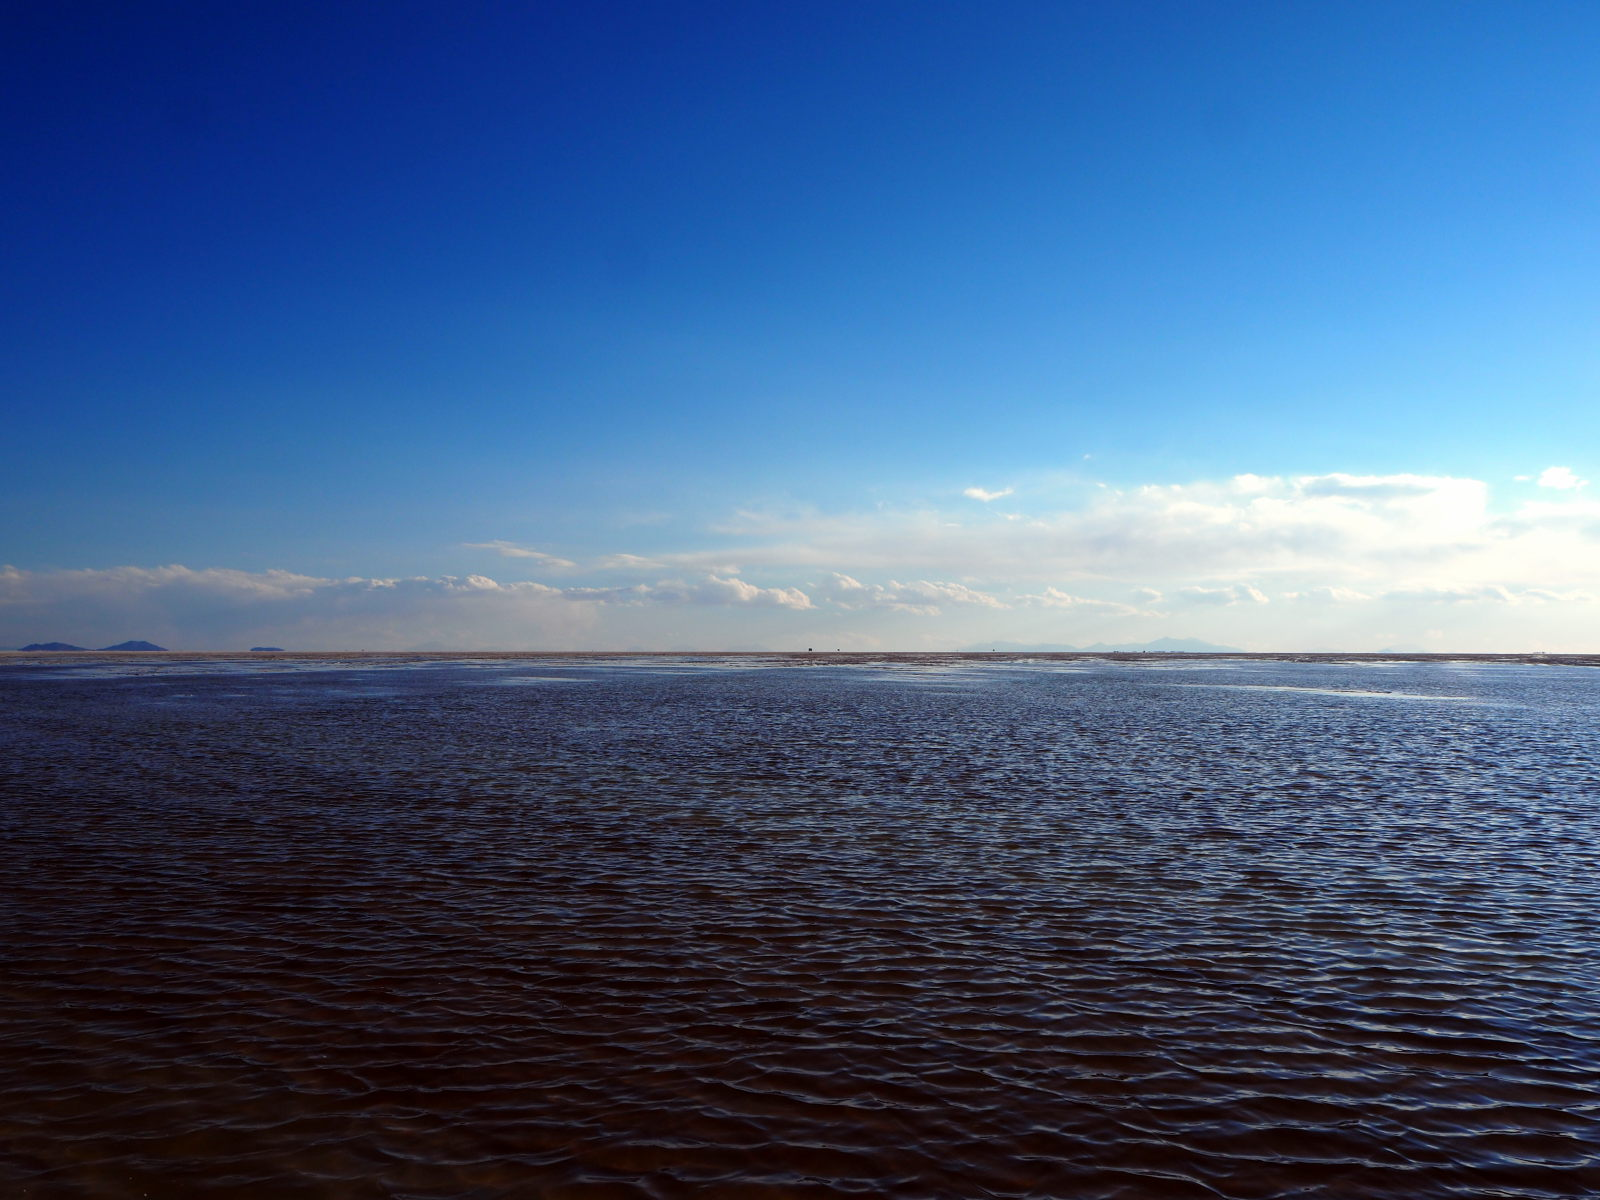 Sur le salar d'Uyuni, partièlement inondé